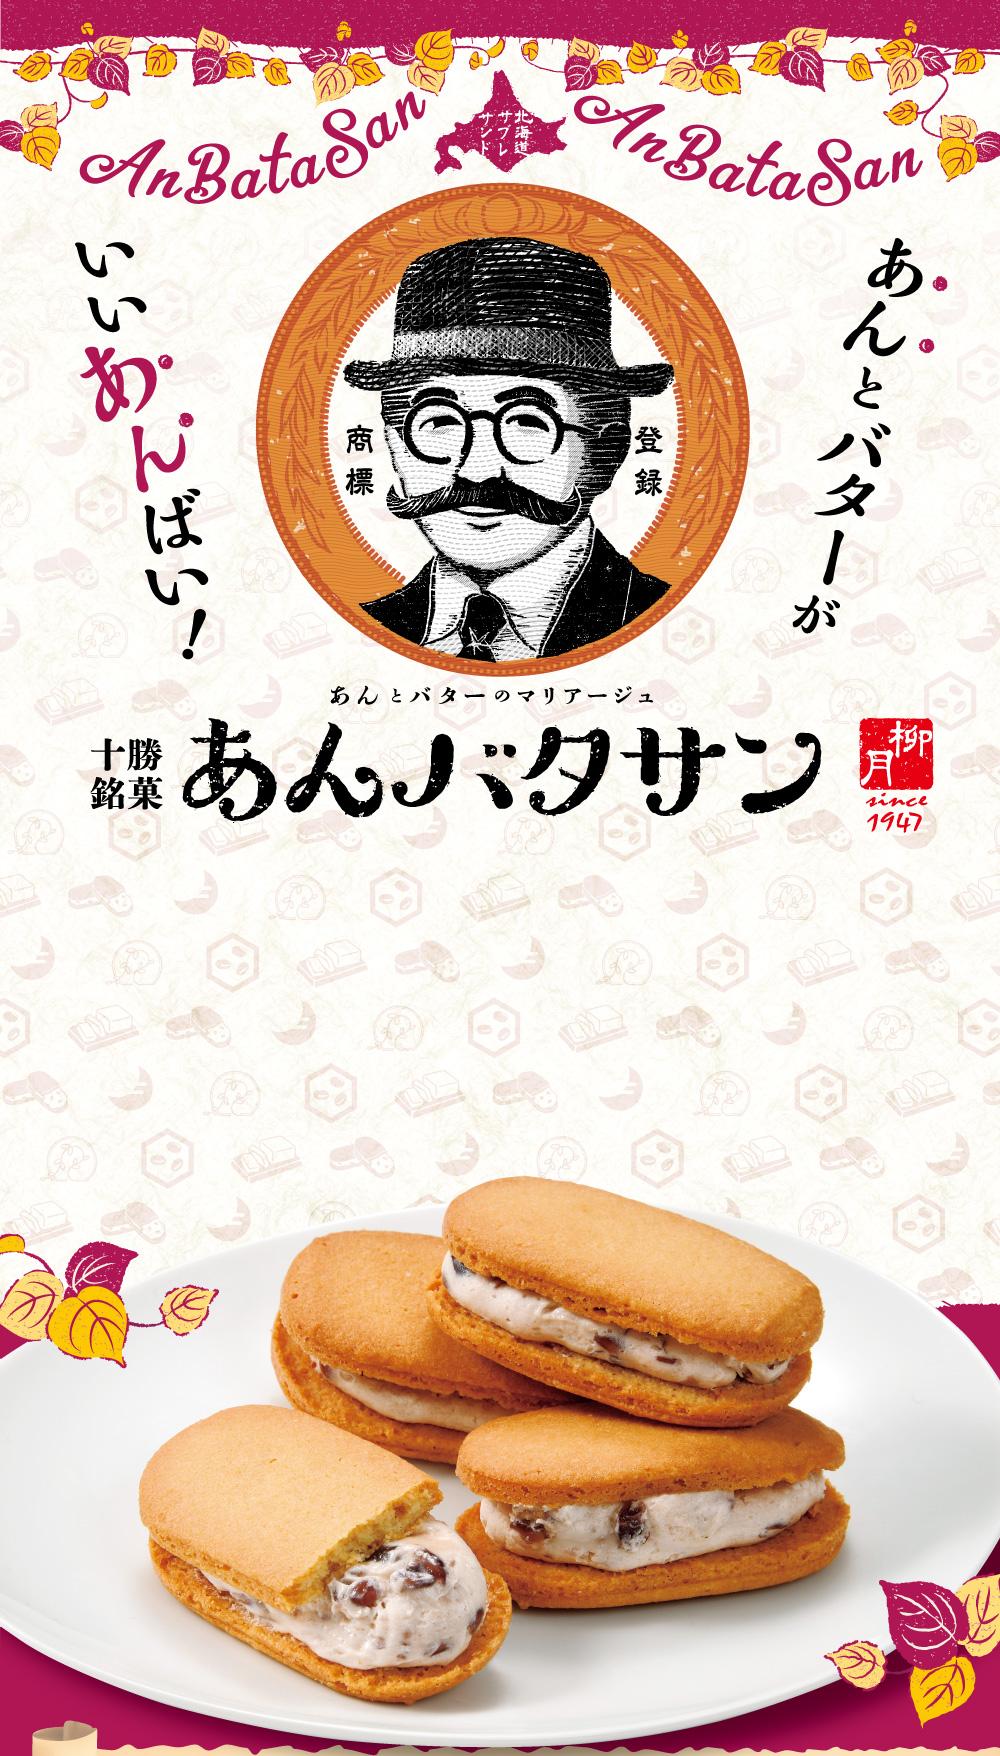 北海道サブレサンド 十勝銘菓 あんバタサン あんとバターのマリアージュ